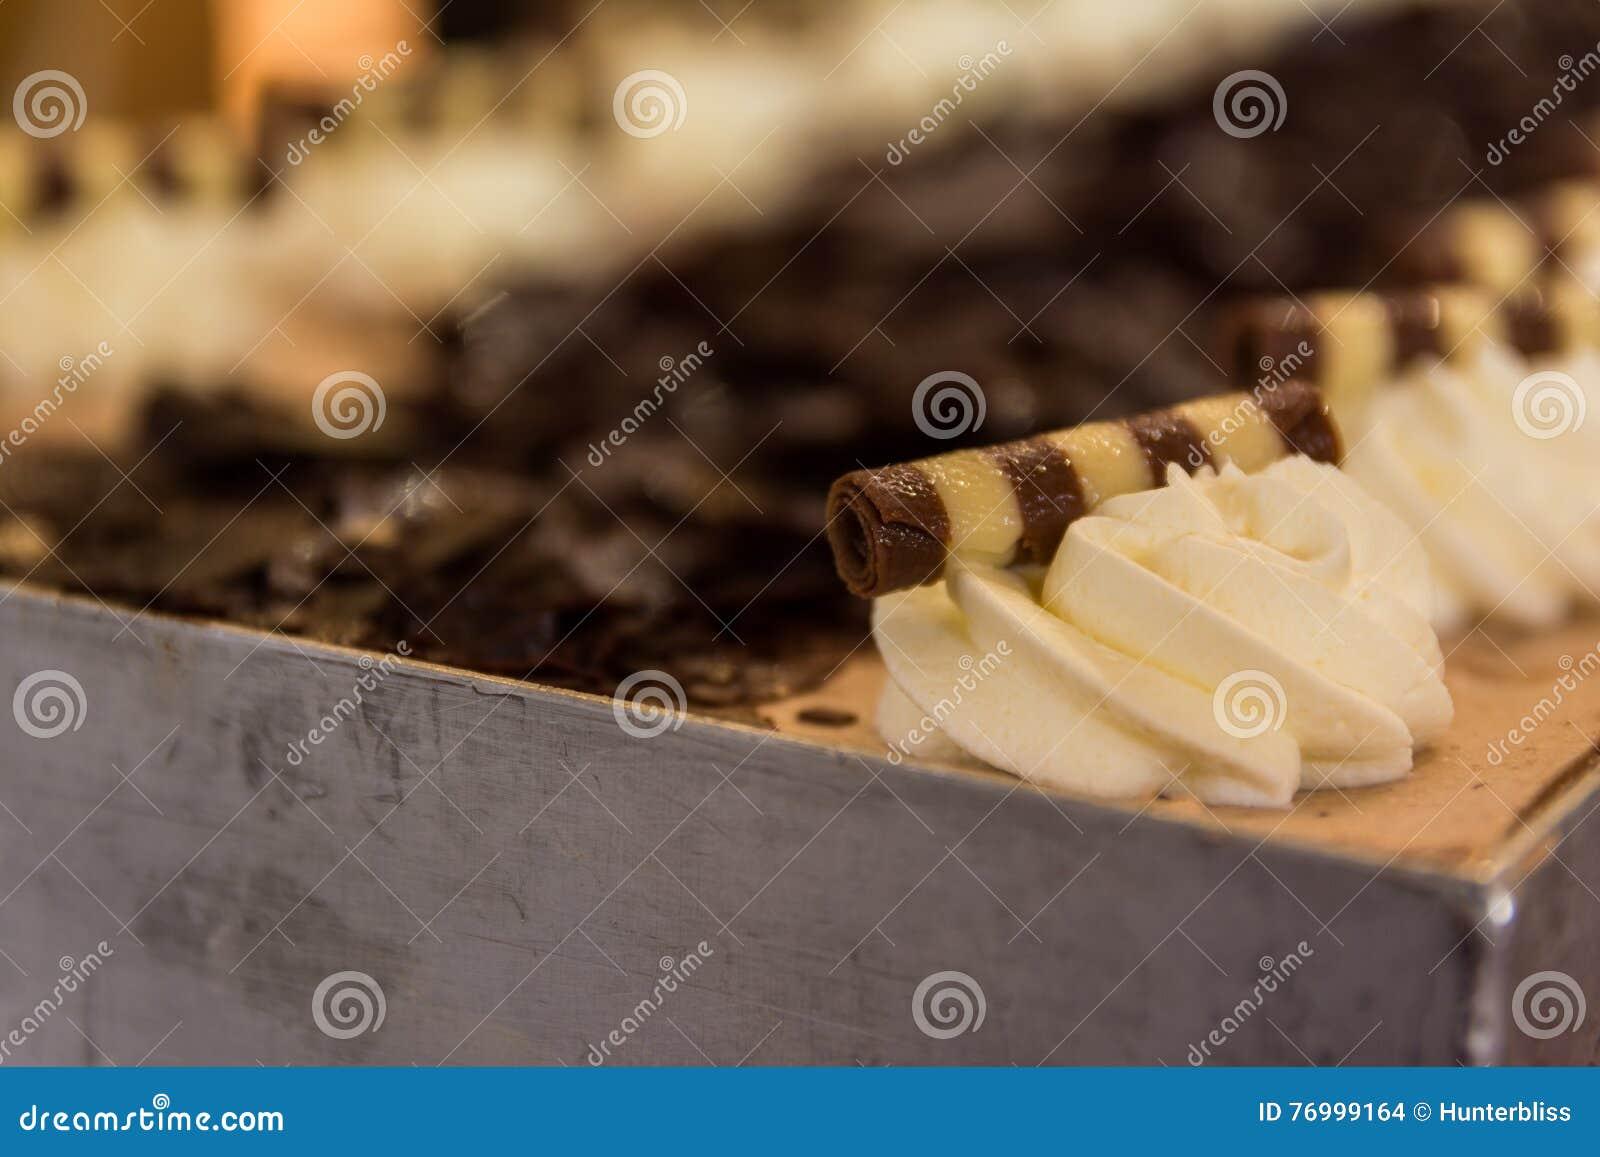 Gestreifter Schokoladen-Nachtisch-Dekorations-Schlagsahne-Eiscreme-Kuchen